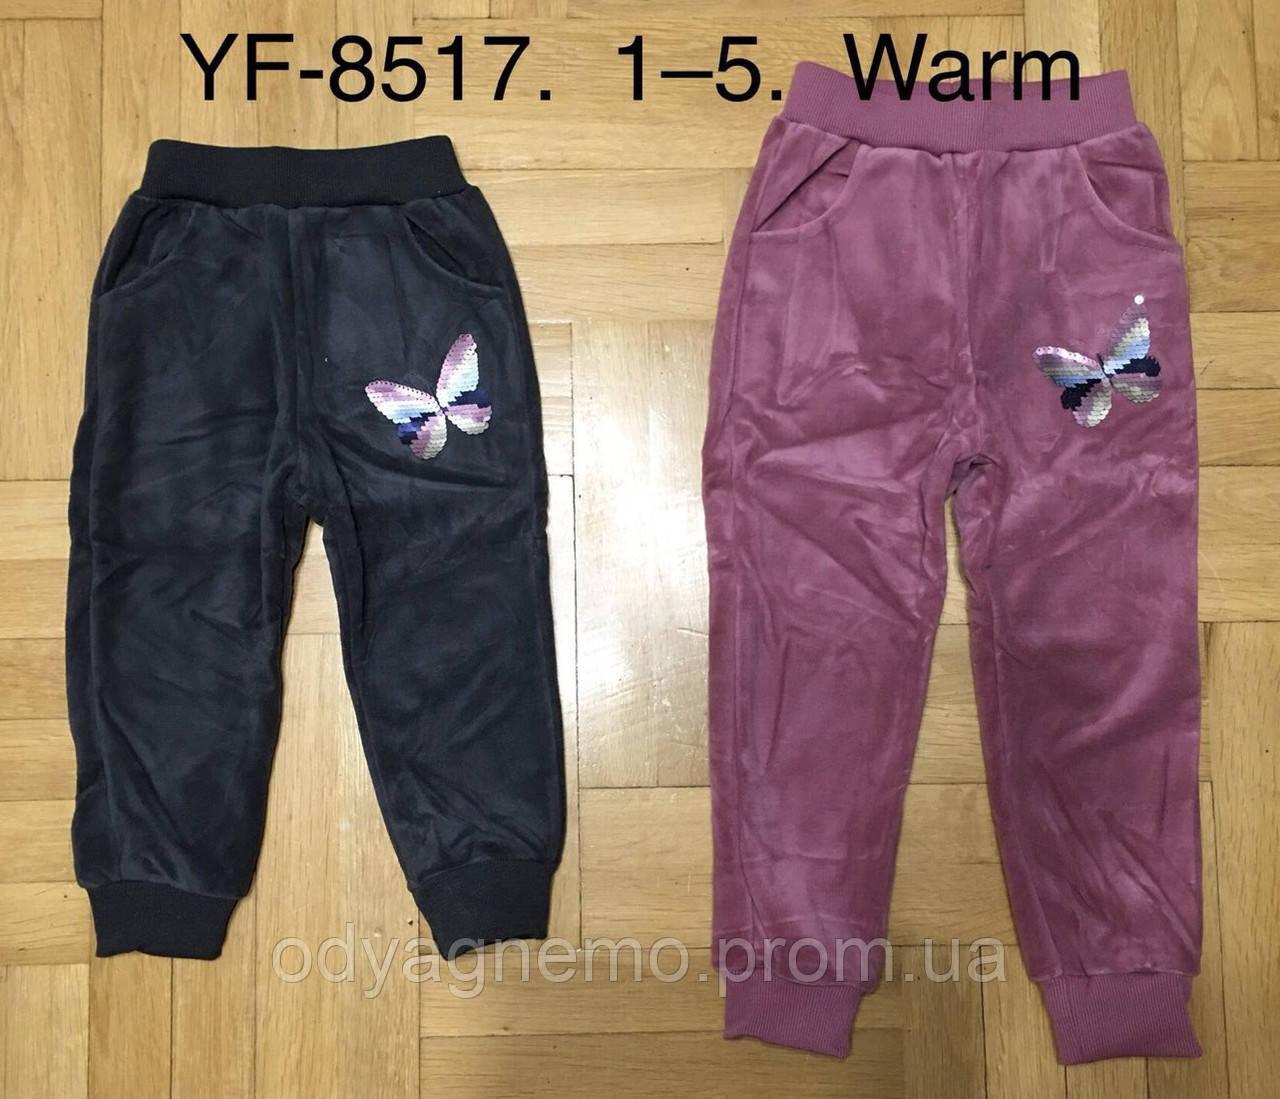 Спортивные велюровые брюки утепленные для девочек F&D оптом, 1-5 лет. Артикул: YF8517